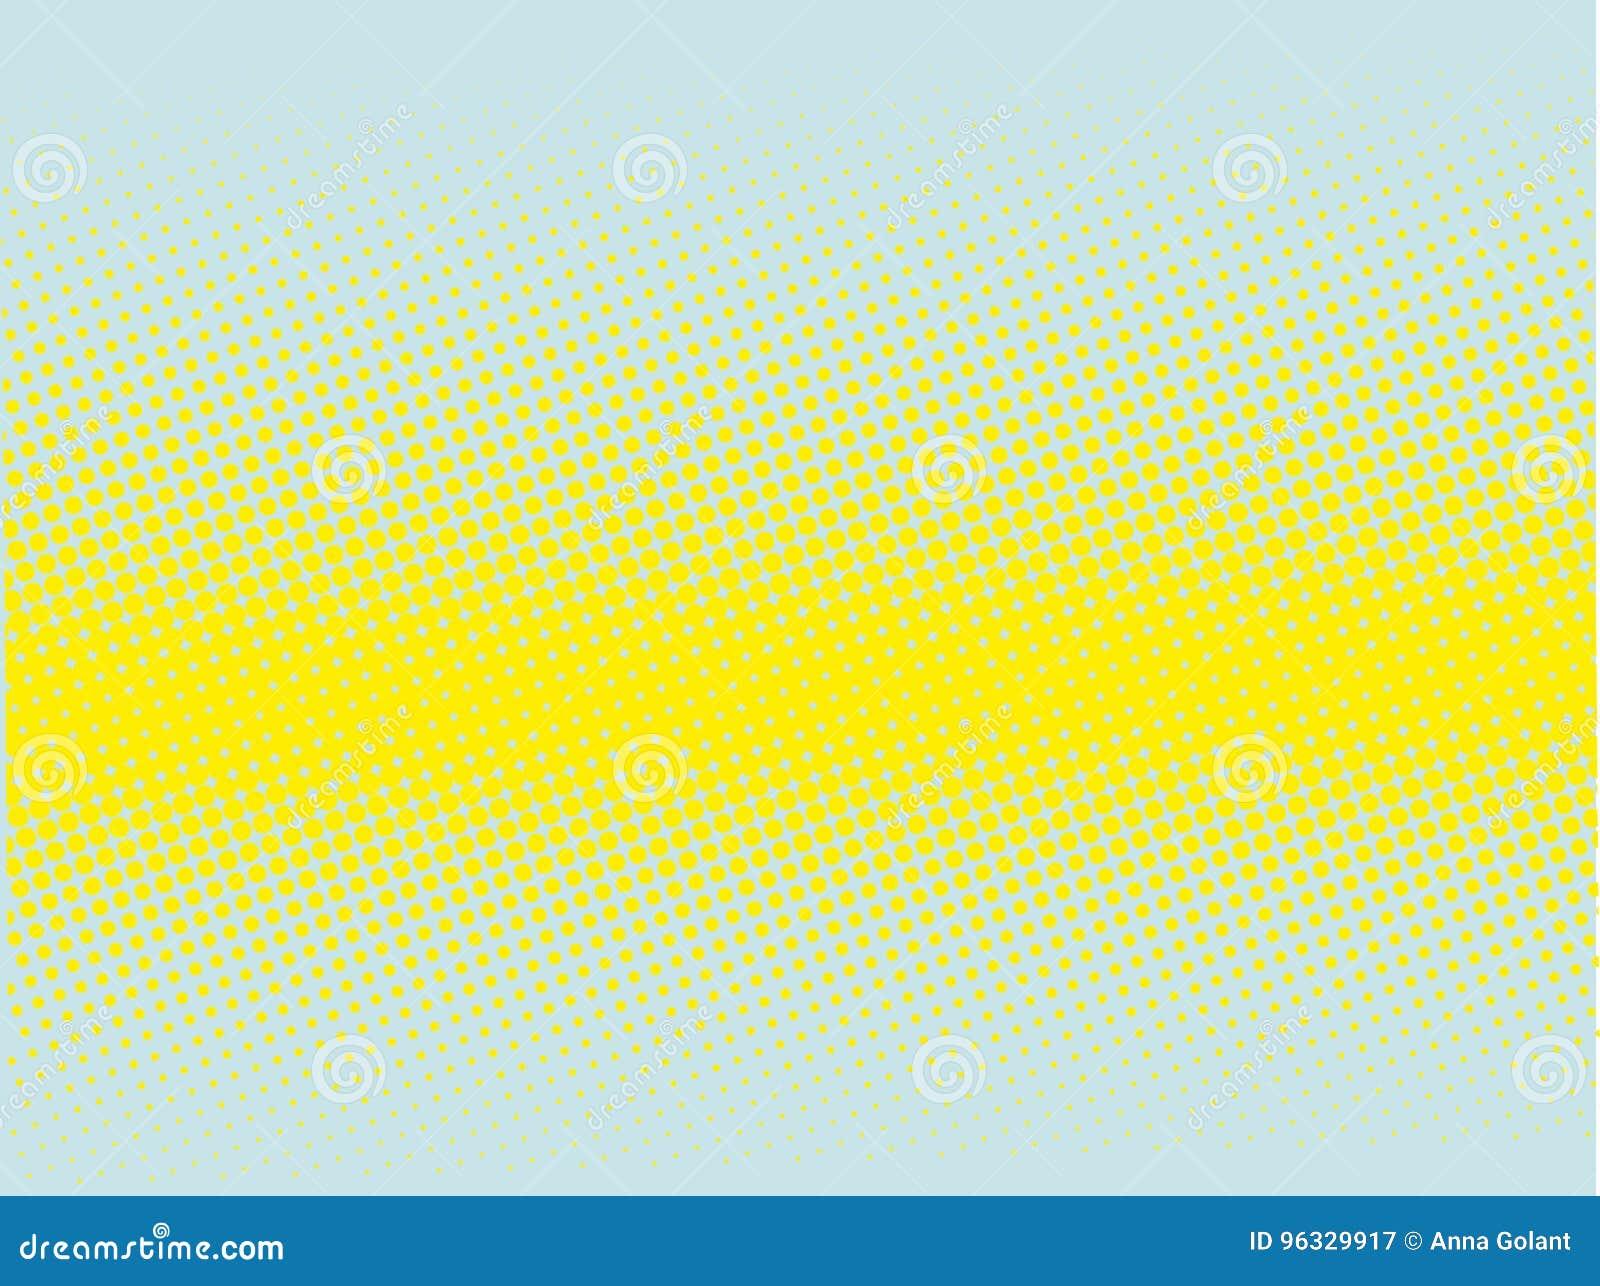 För illustrationlogo för bakgrund rastrerad vektor för text för avstånd Komiker prucken modell Retro stil för popkonst